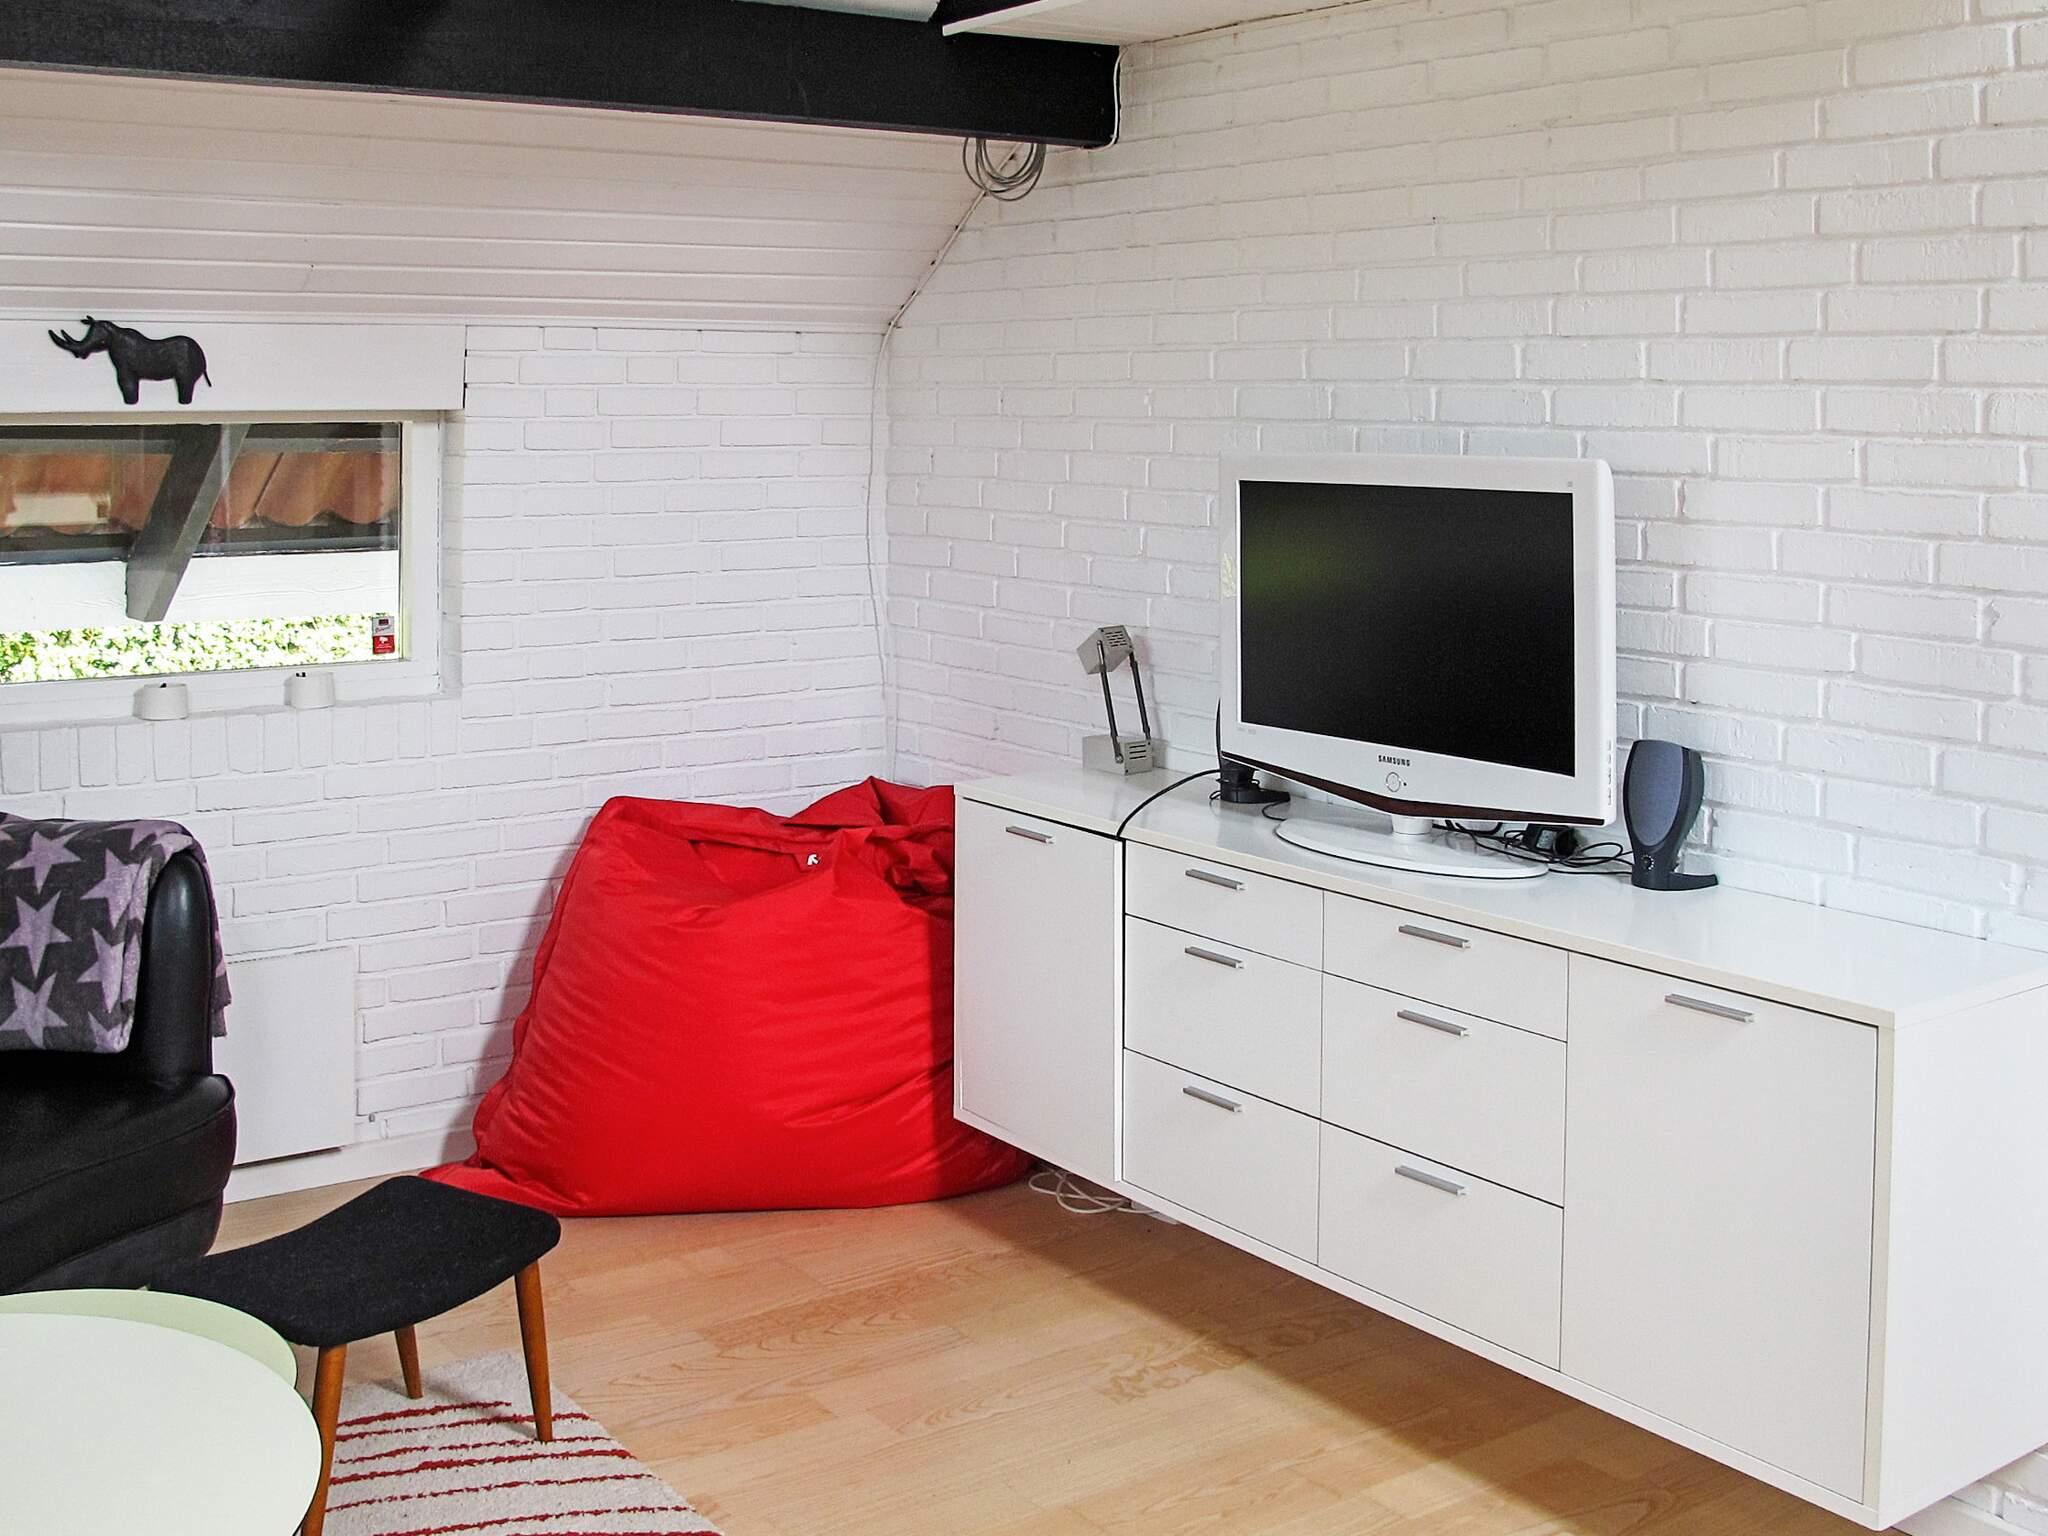 Ferienhaus Enø (2614348), Karrebæksminde, , Südseeland, Dänemark, Bild 8